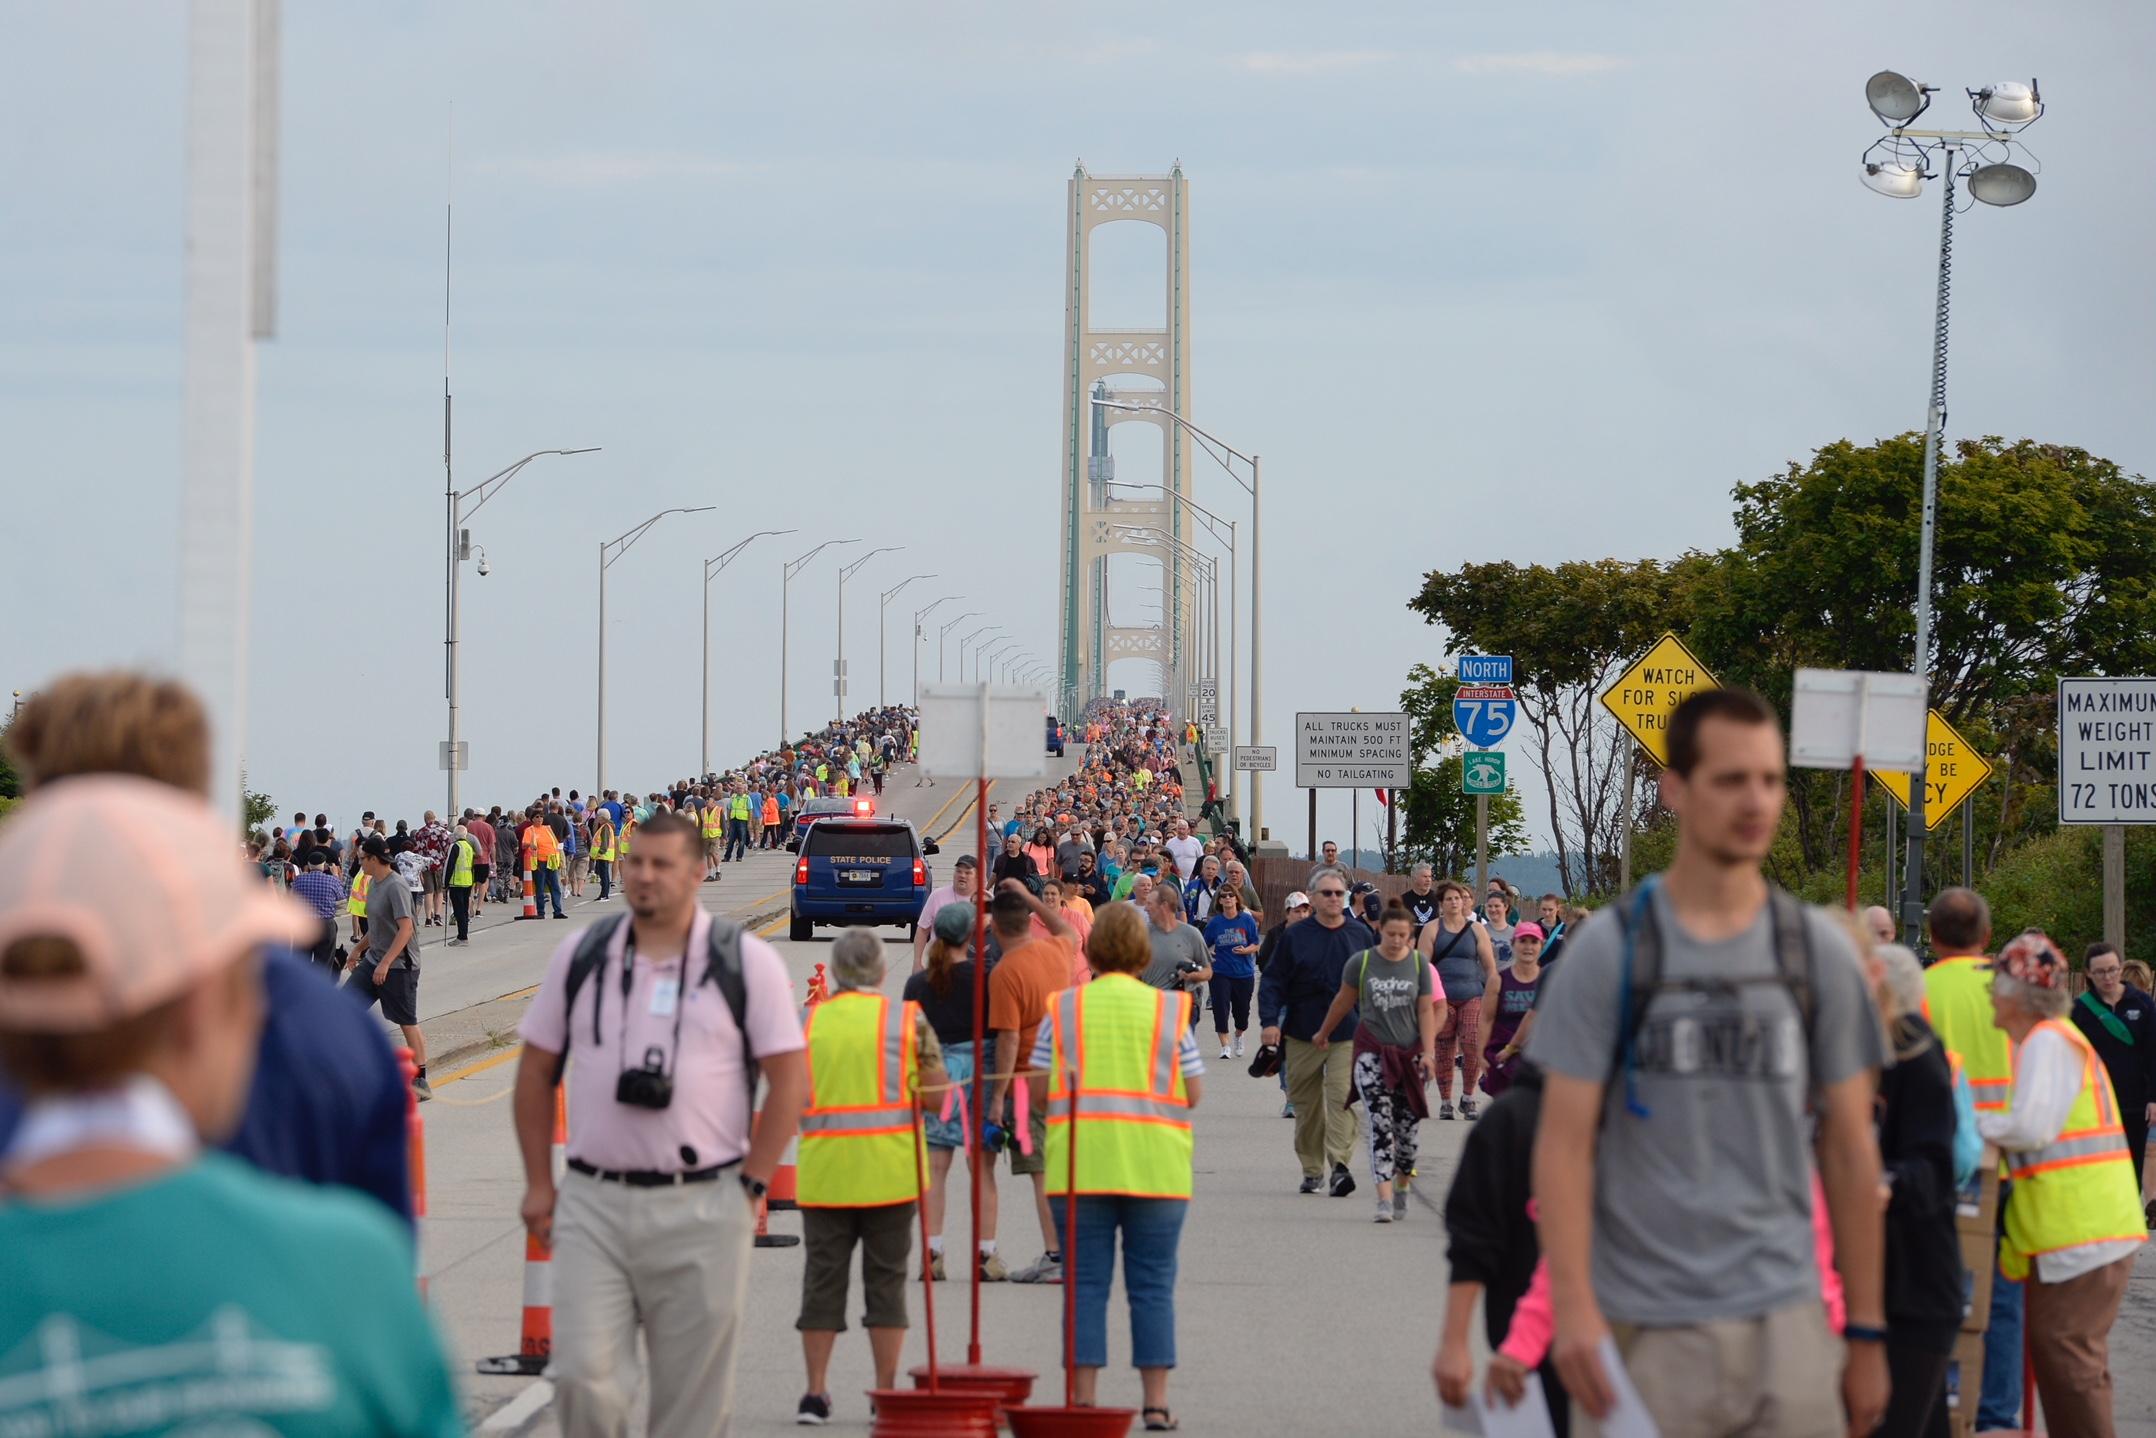 More Than 25,000 Walk At Mackinac Bridge Event